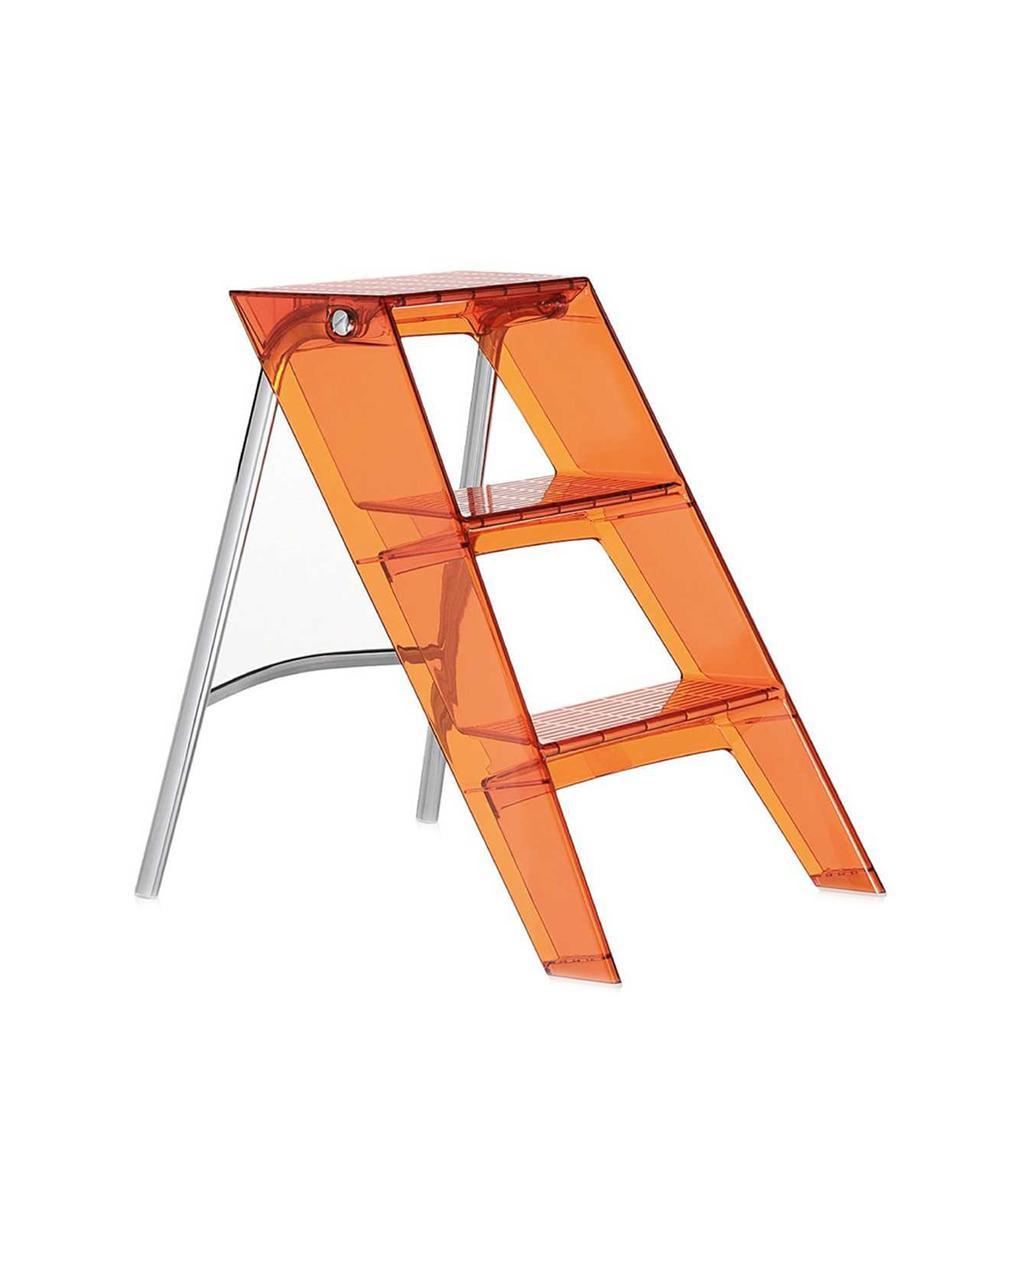 Oranje ladder doorzichtig glanzend design